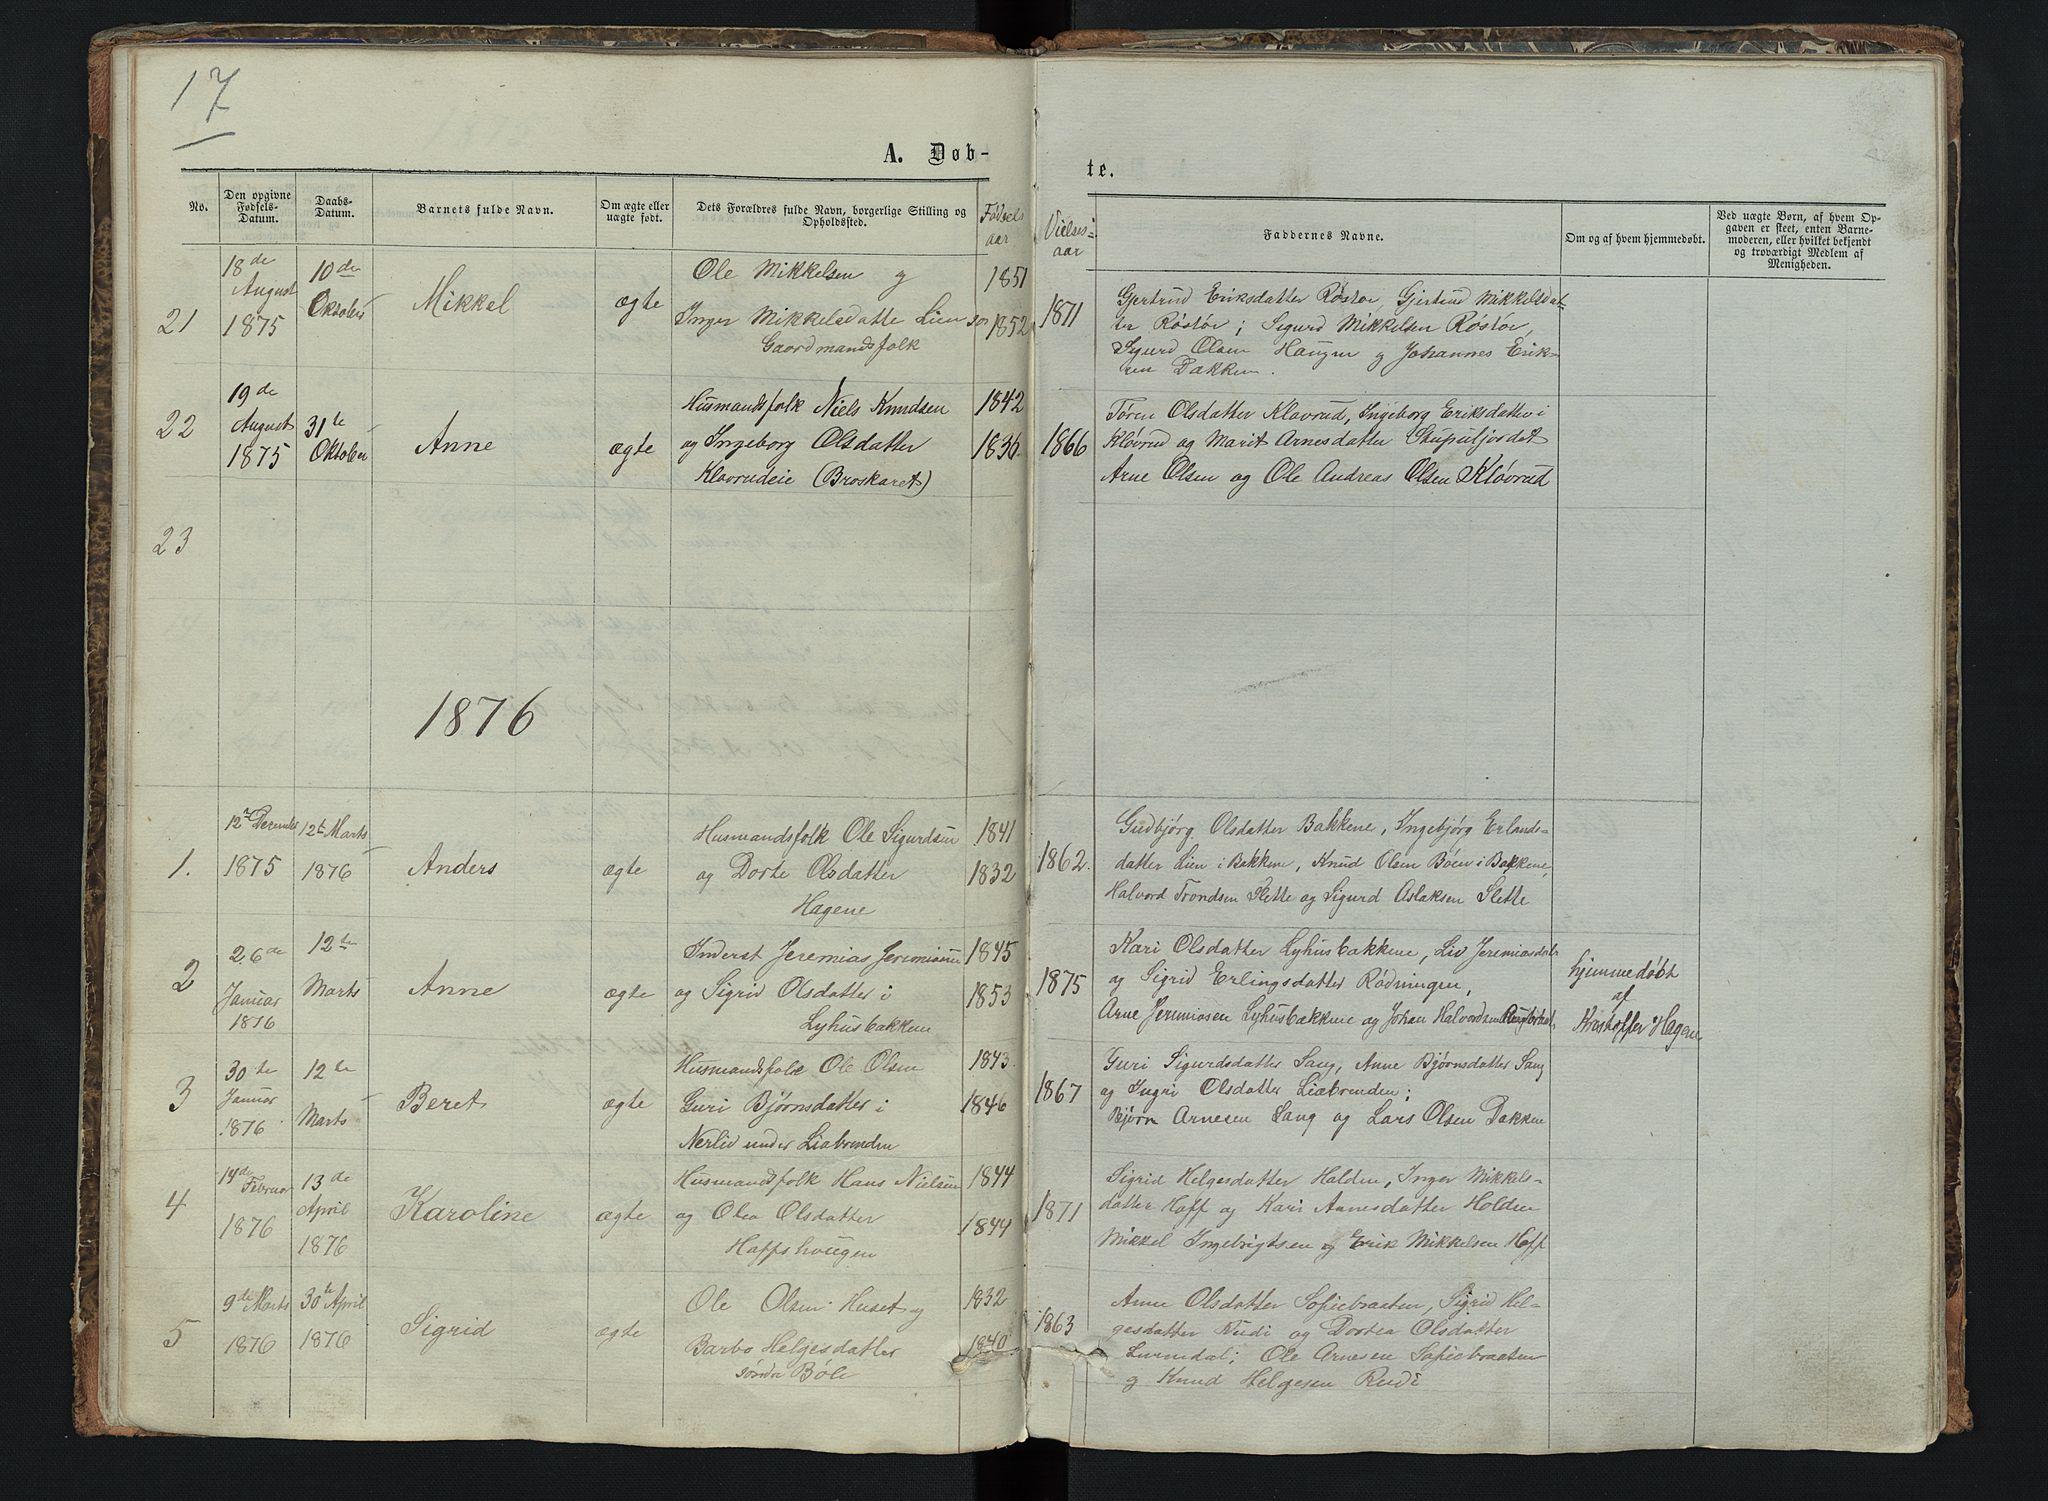 SAH, Sør-Aurdal prestekontor, Klokkerbok nr. 6, 1866-1893, s. 17